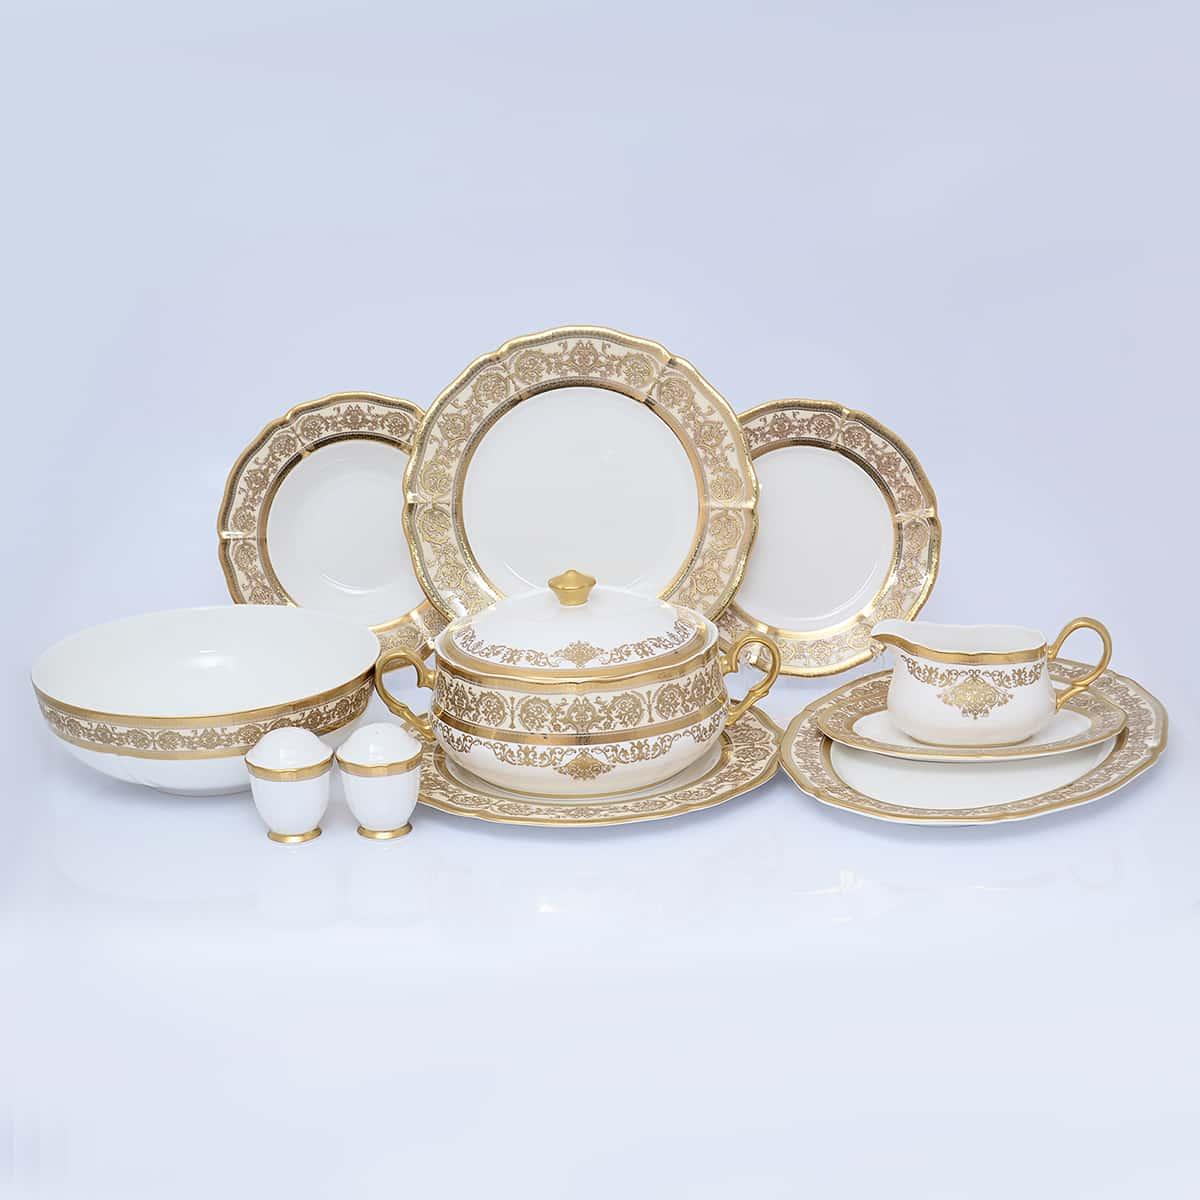 Столовый сервиз GOLDEN ROMANCE CREAM Gold Prouna на 6 персон 27 предметов